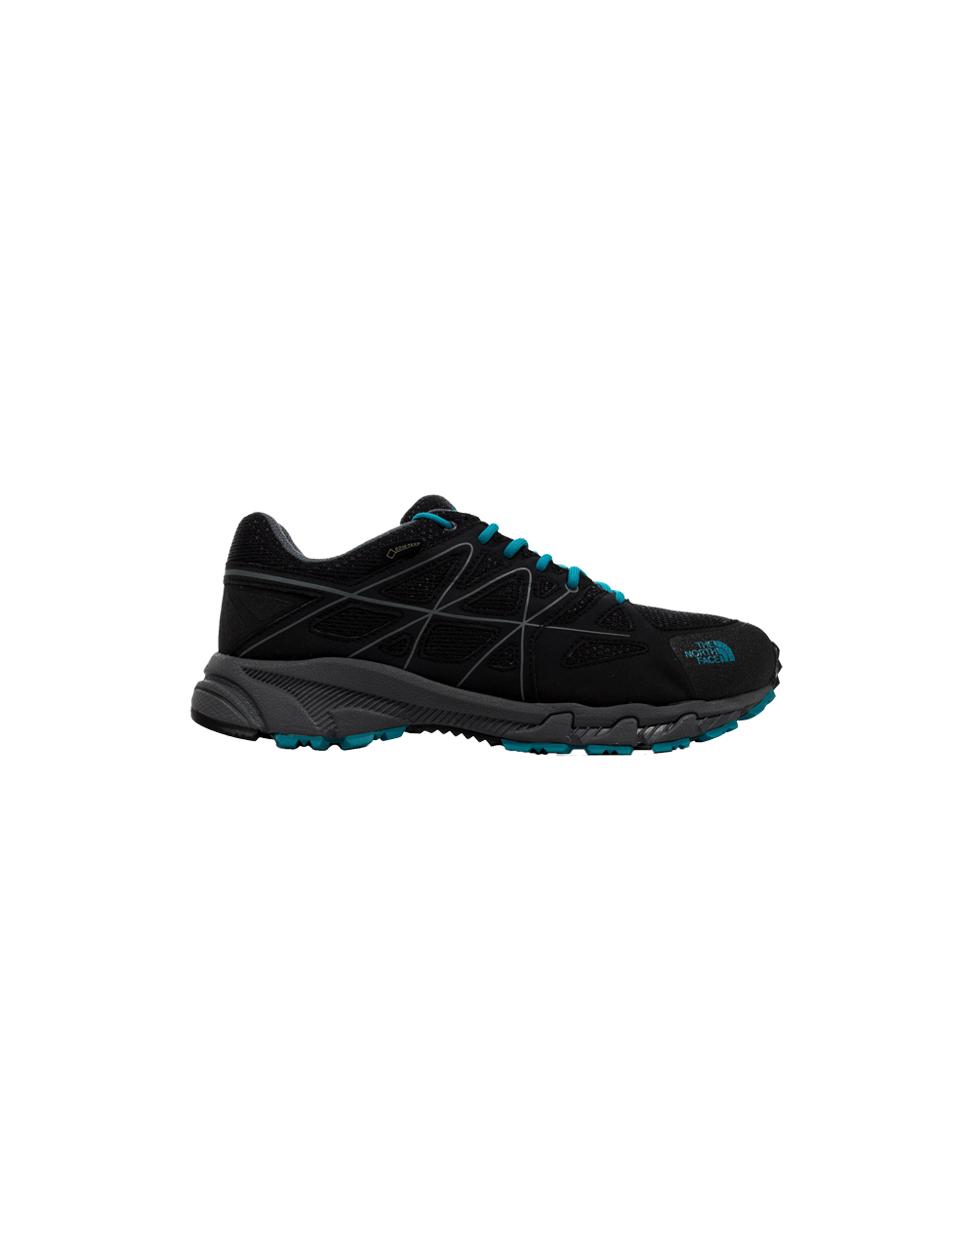 tnf-storm-shoes-blue